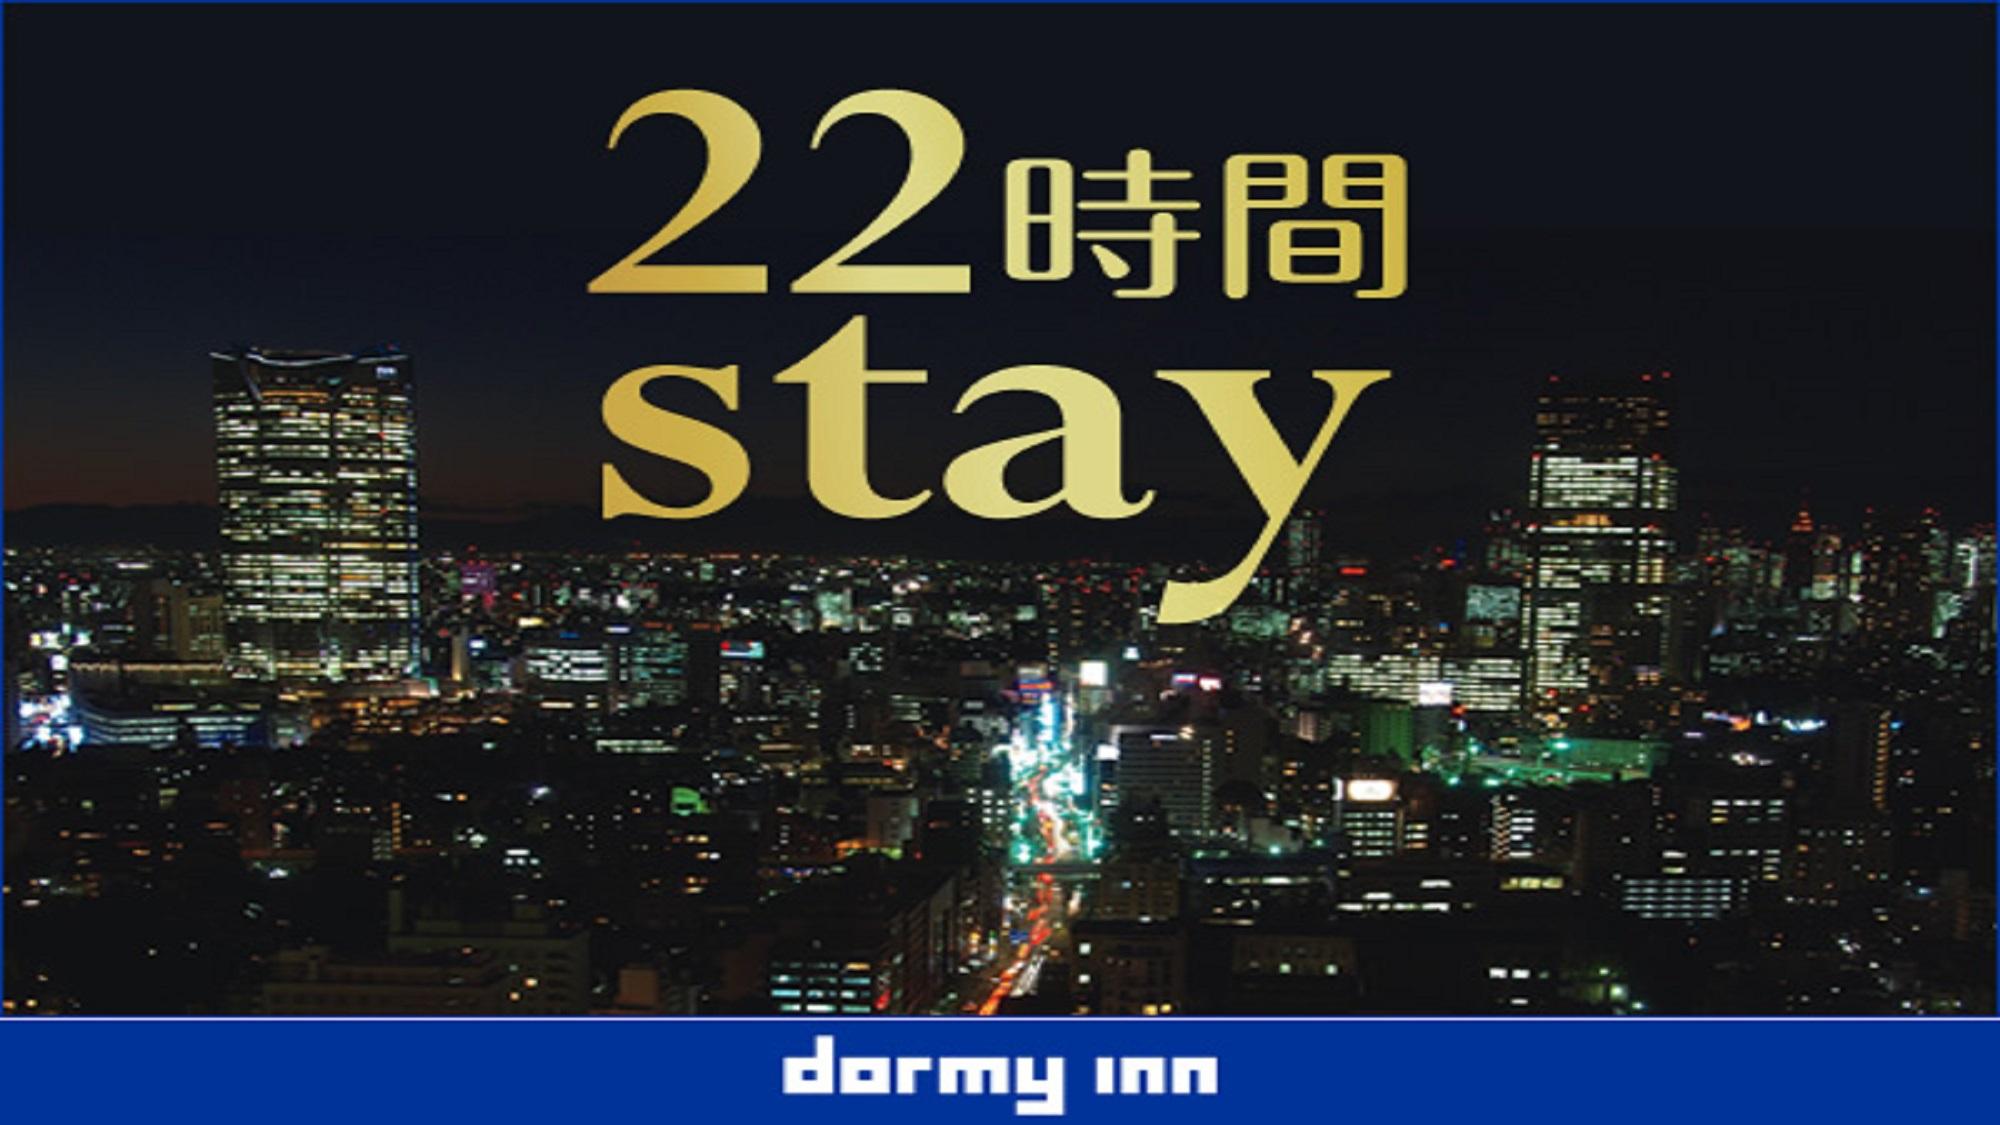 【22時間 stay】15時チェックイン〜13時チェックアウト《素泊り》